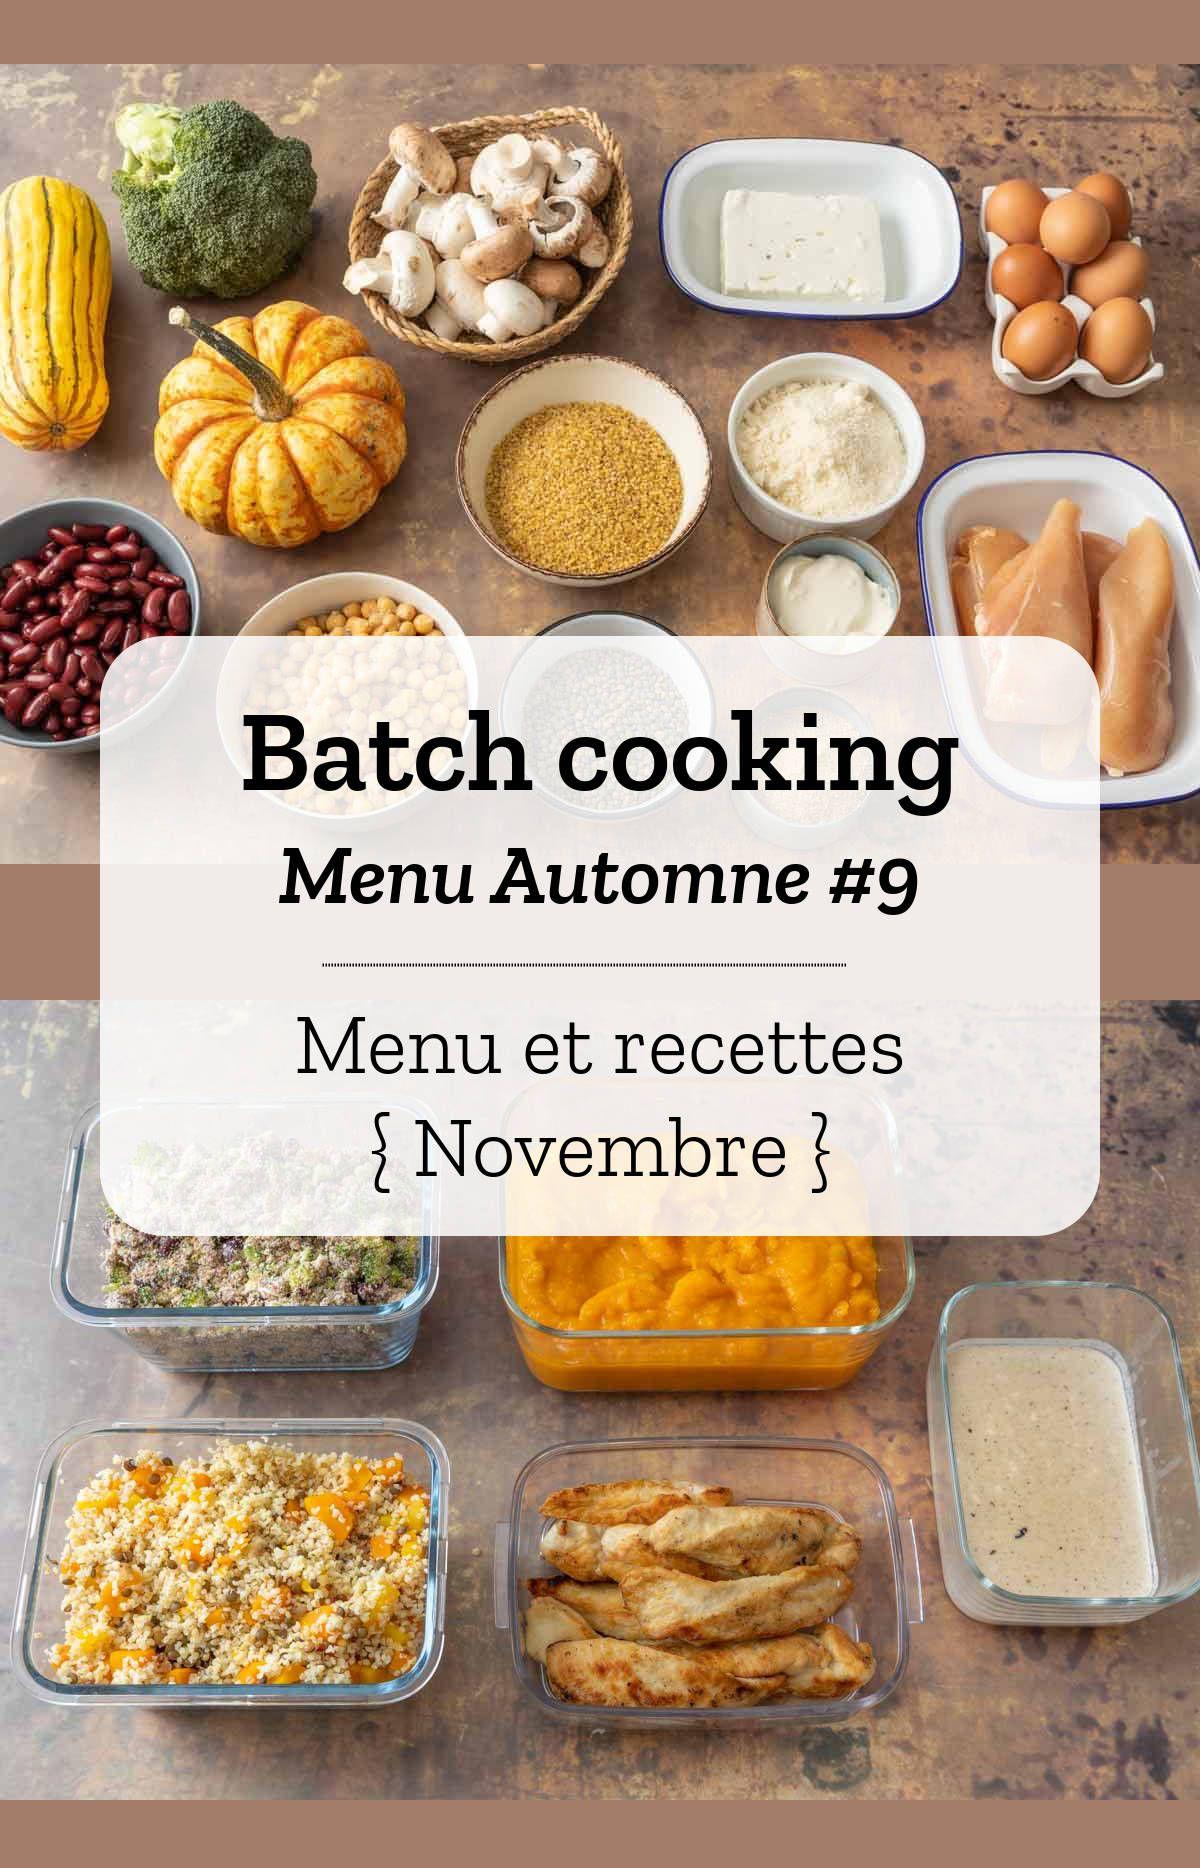 Batch cooking Automne #9 #recettenovembre